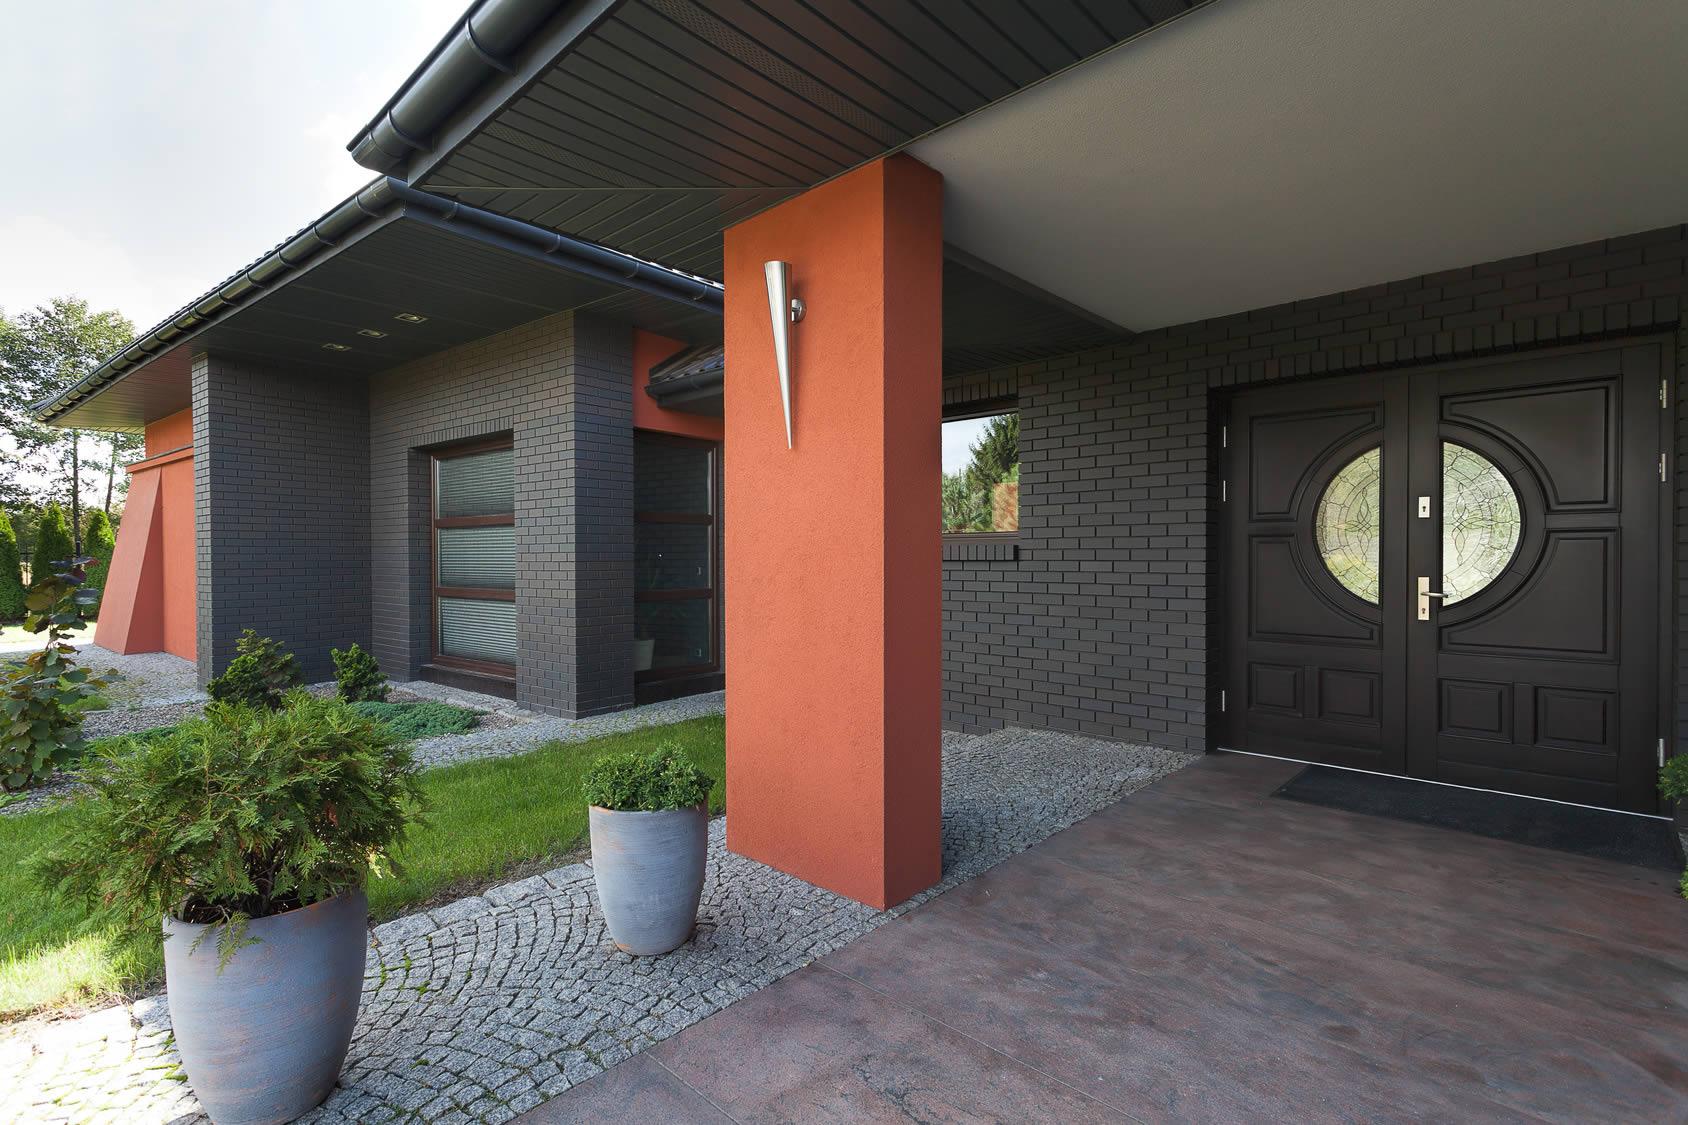 Raisons pour choisir une agence immobilière